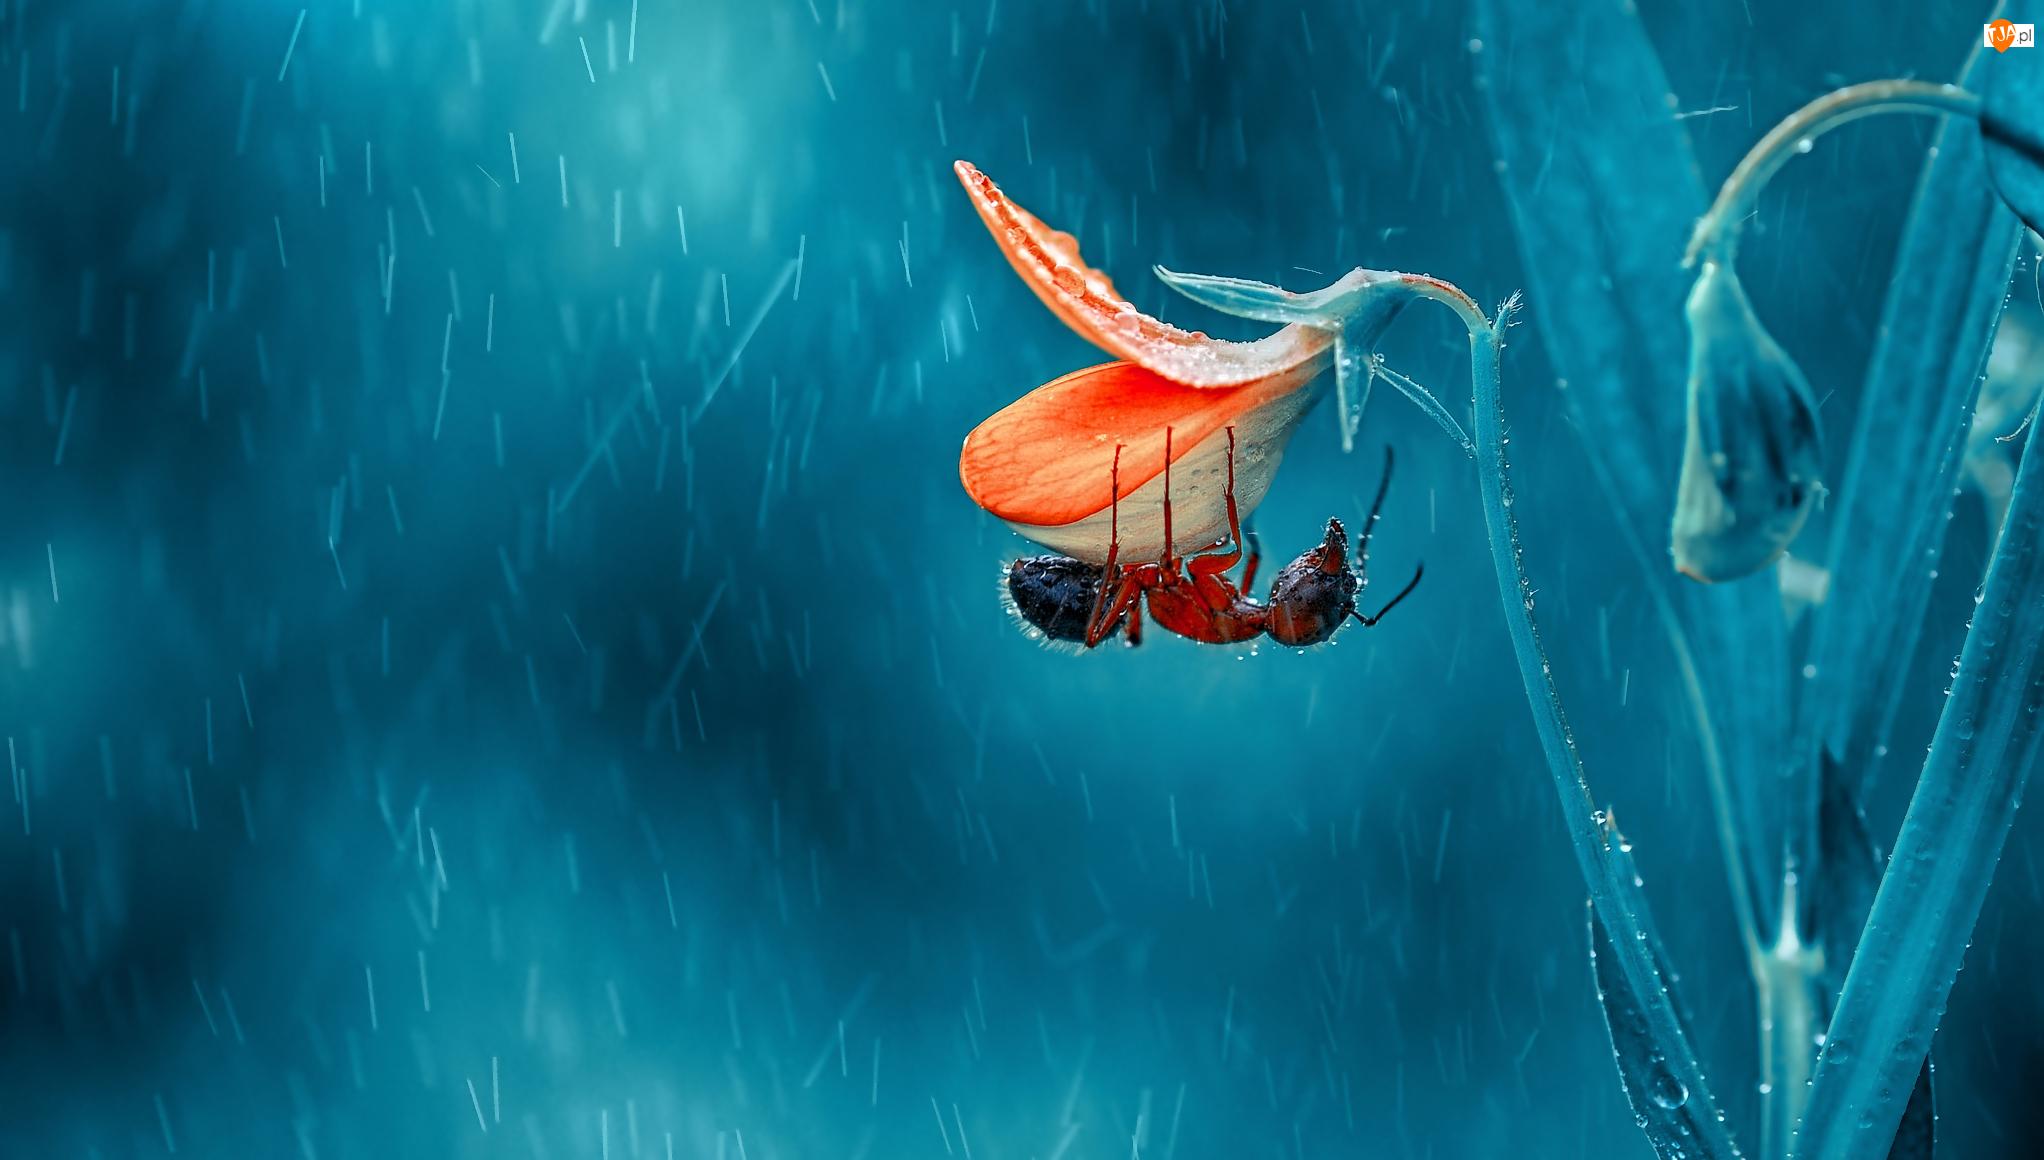 Deszcz, Kwiat, Mrówka, Makro